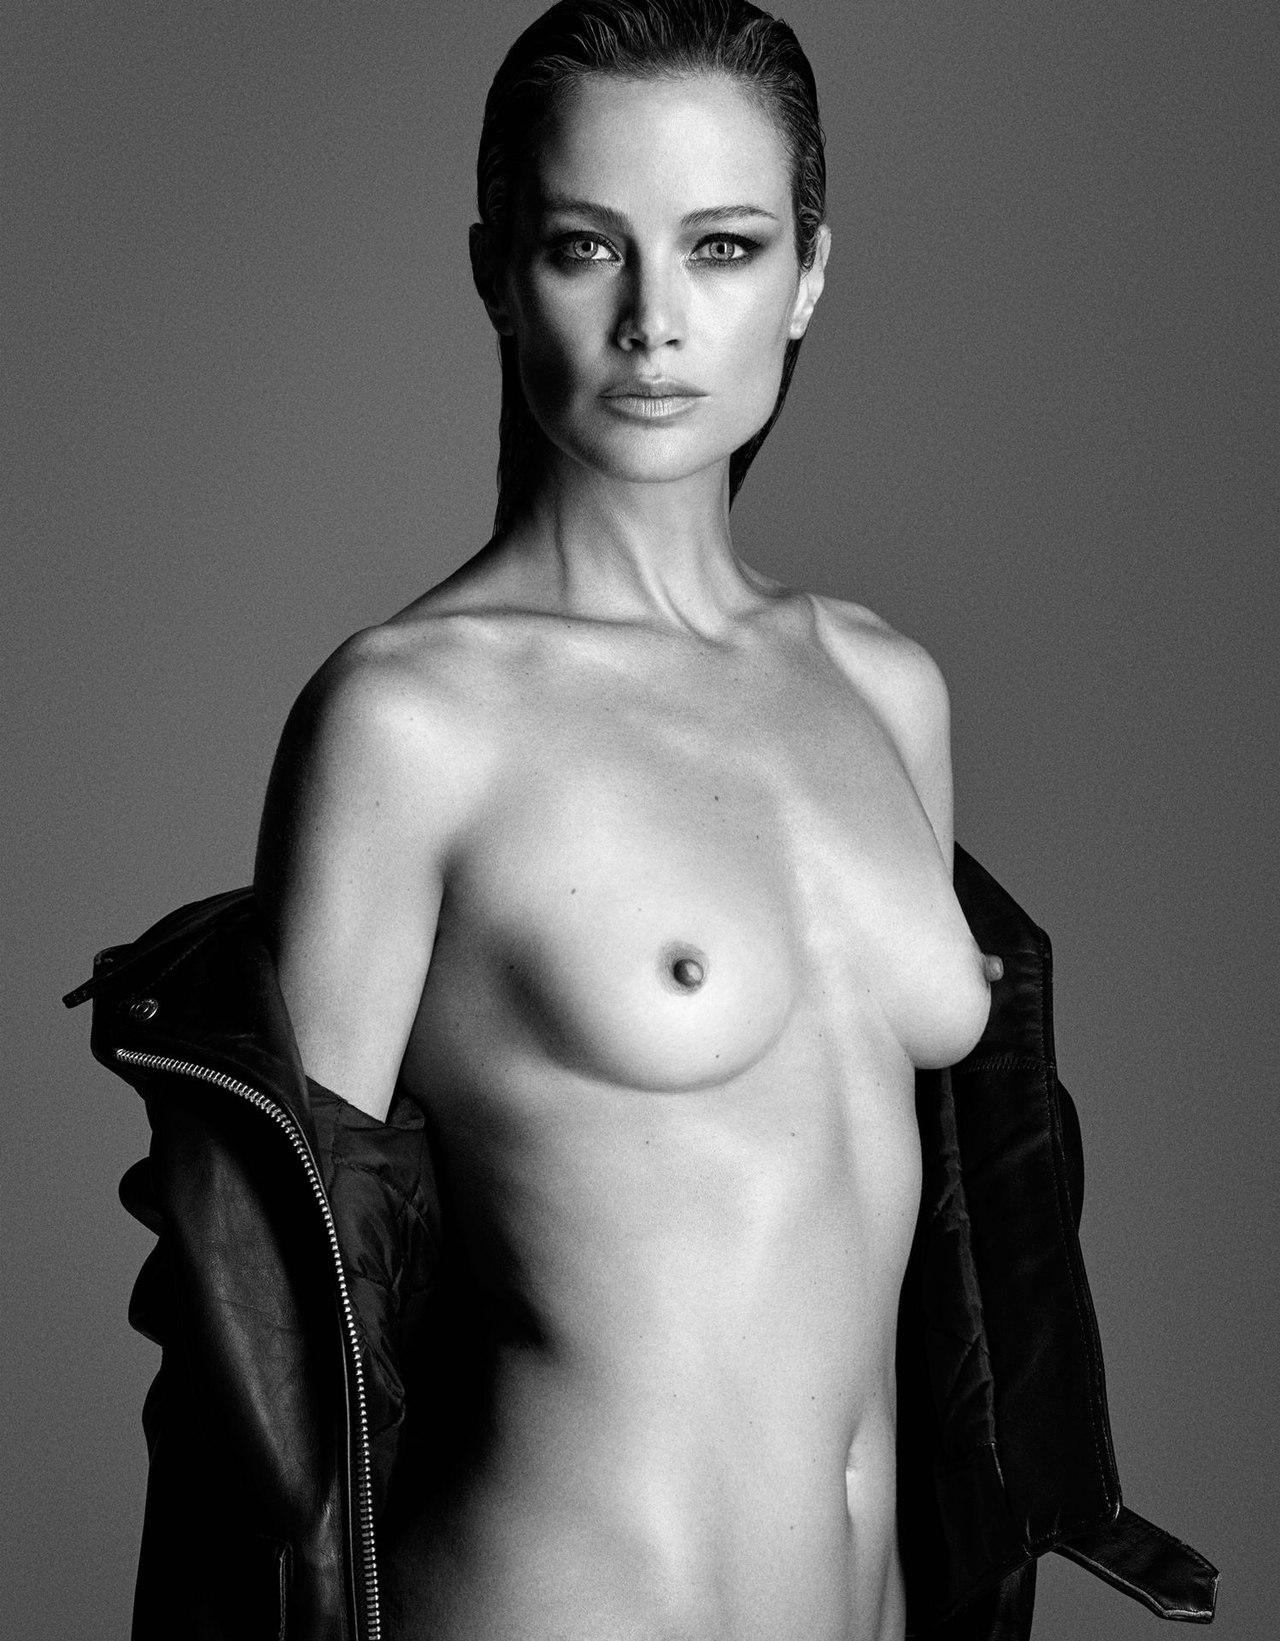 naked sex beautiful body